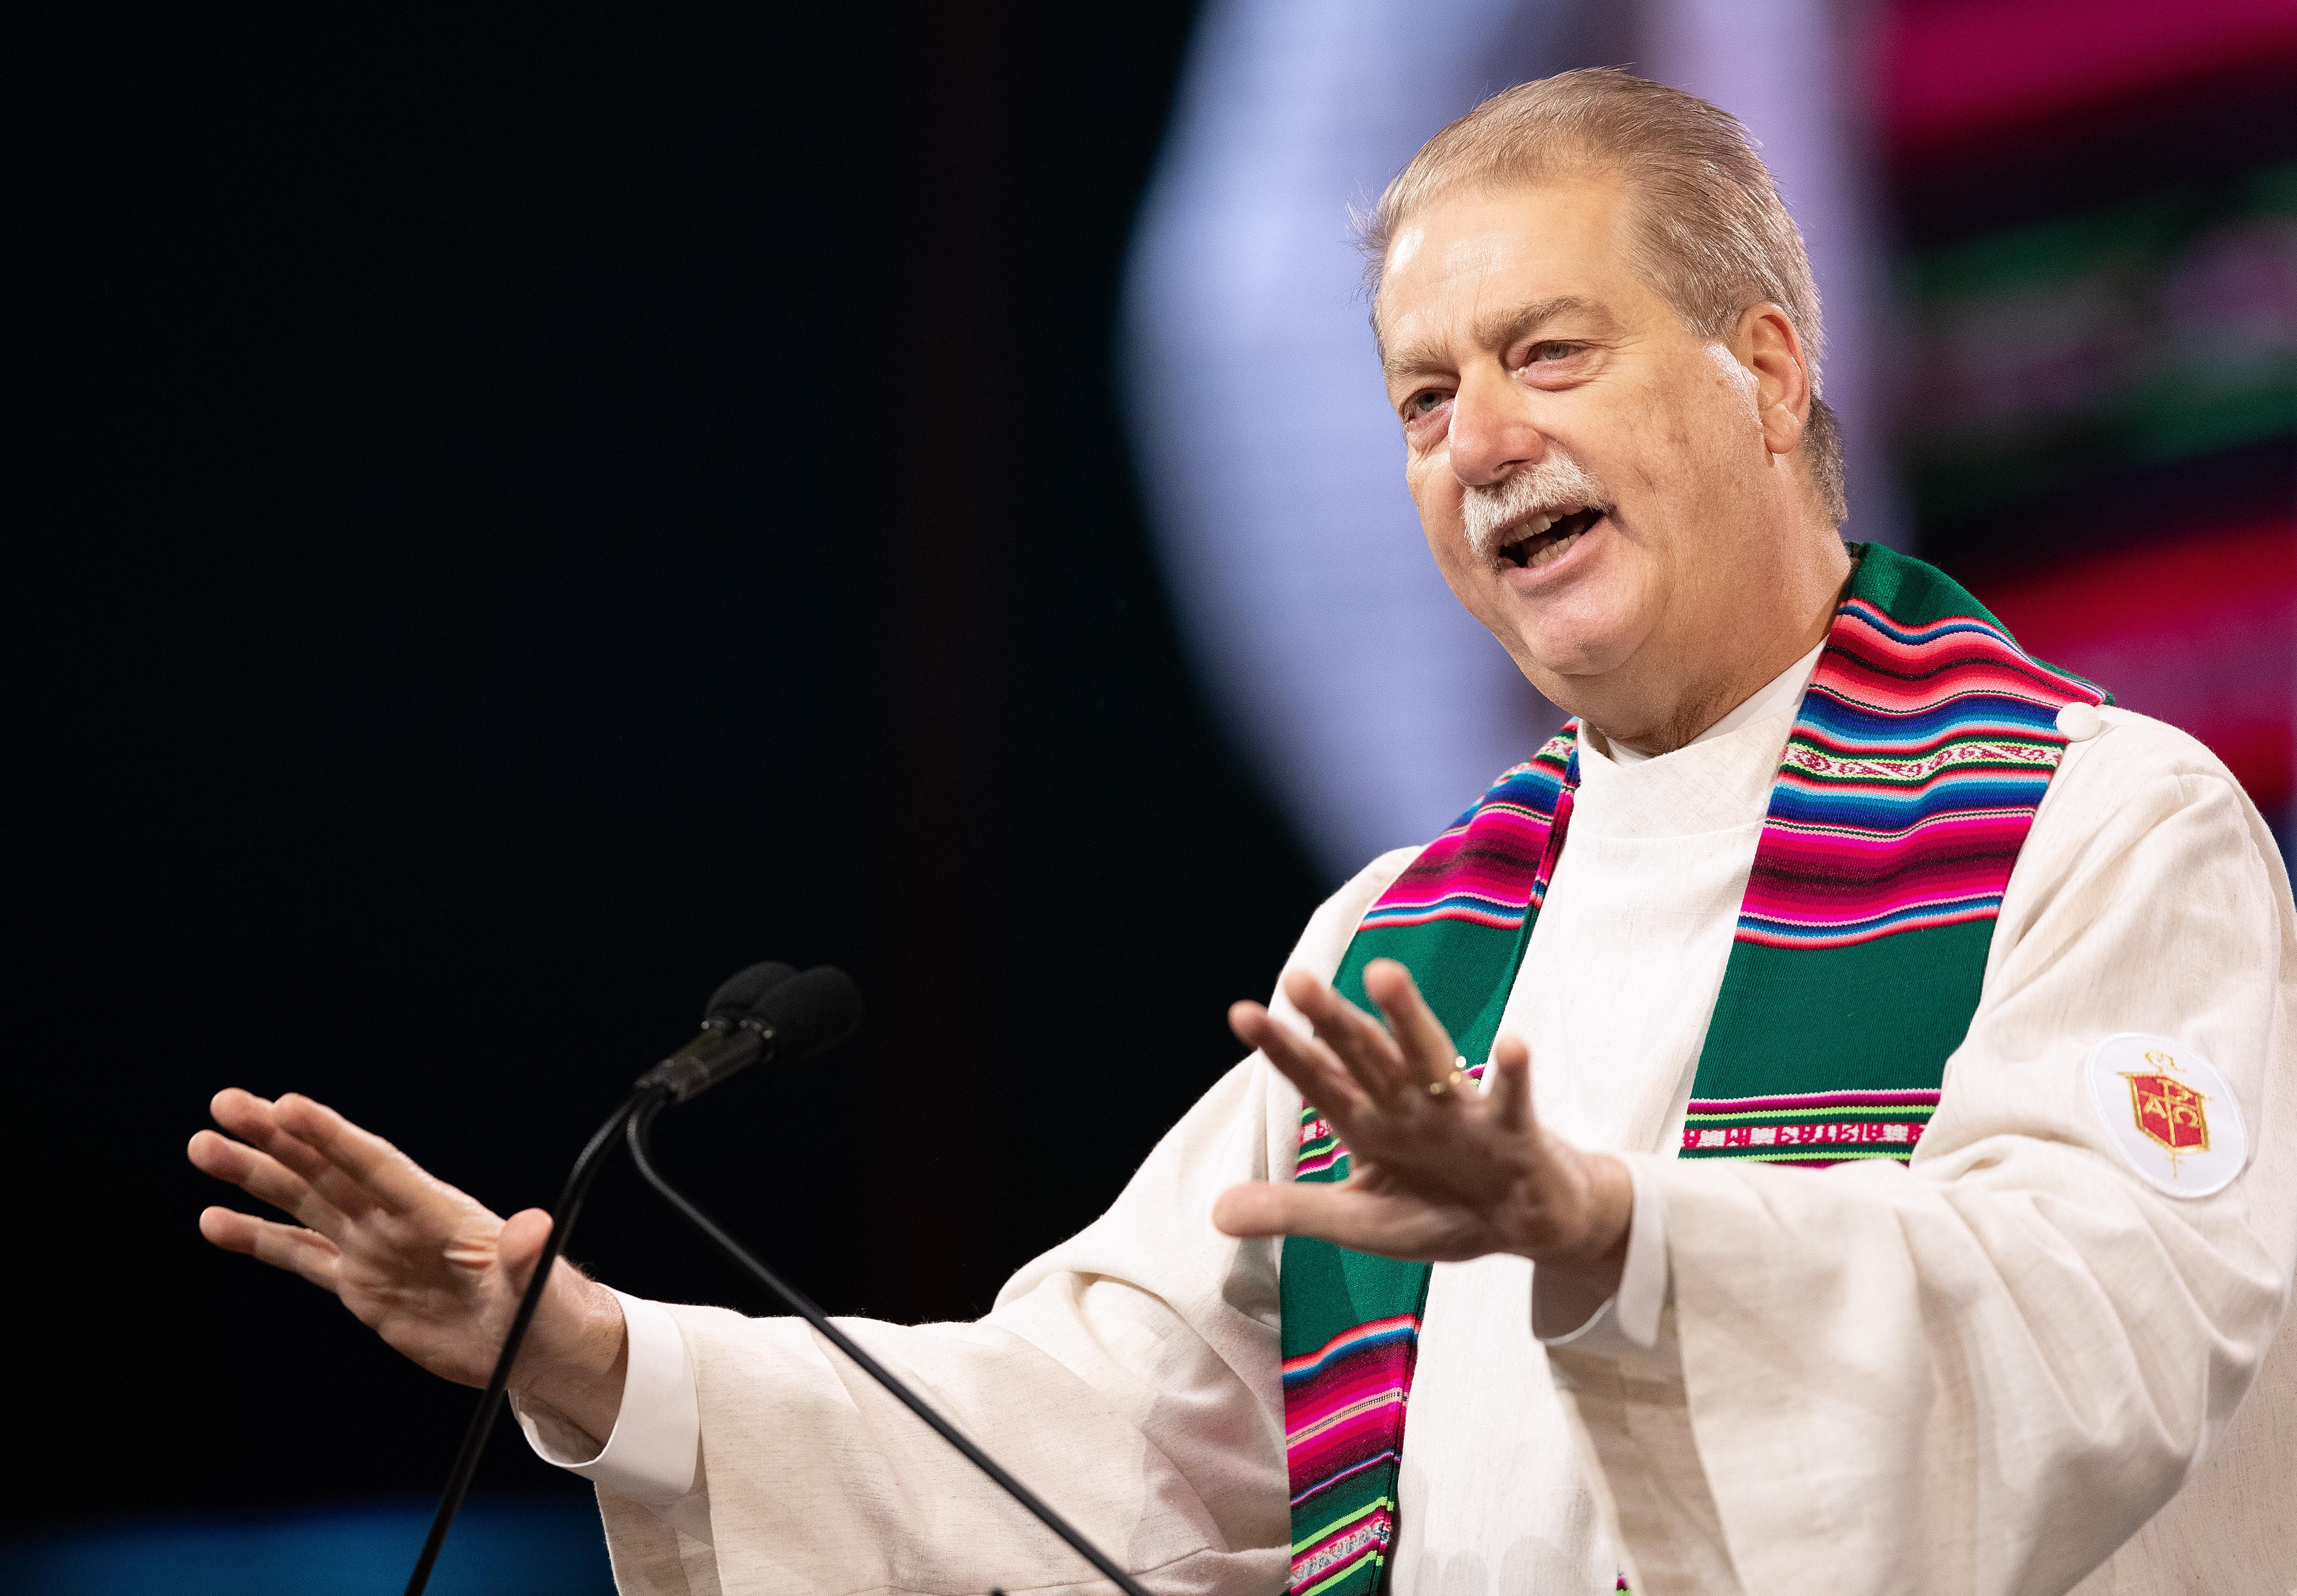 케네스 카터 감독은 교회의 사명에 관한 설교로 2019년 총회의 두 번째 날을 시작했다. 사진,  Mike DuBose, UMNS.